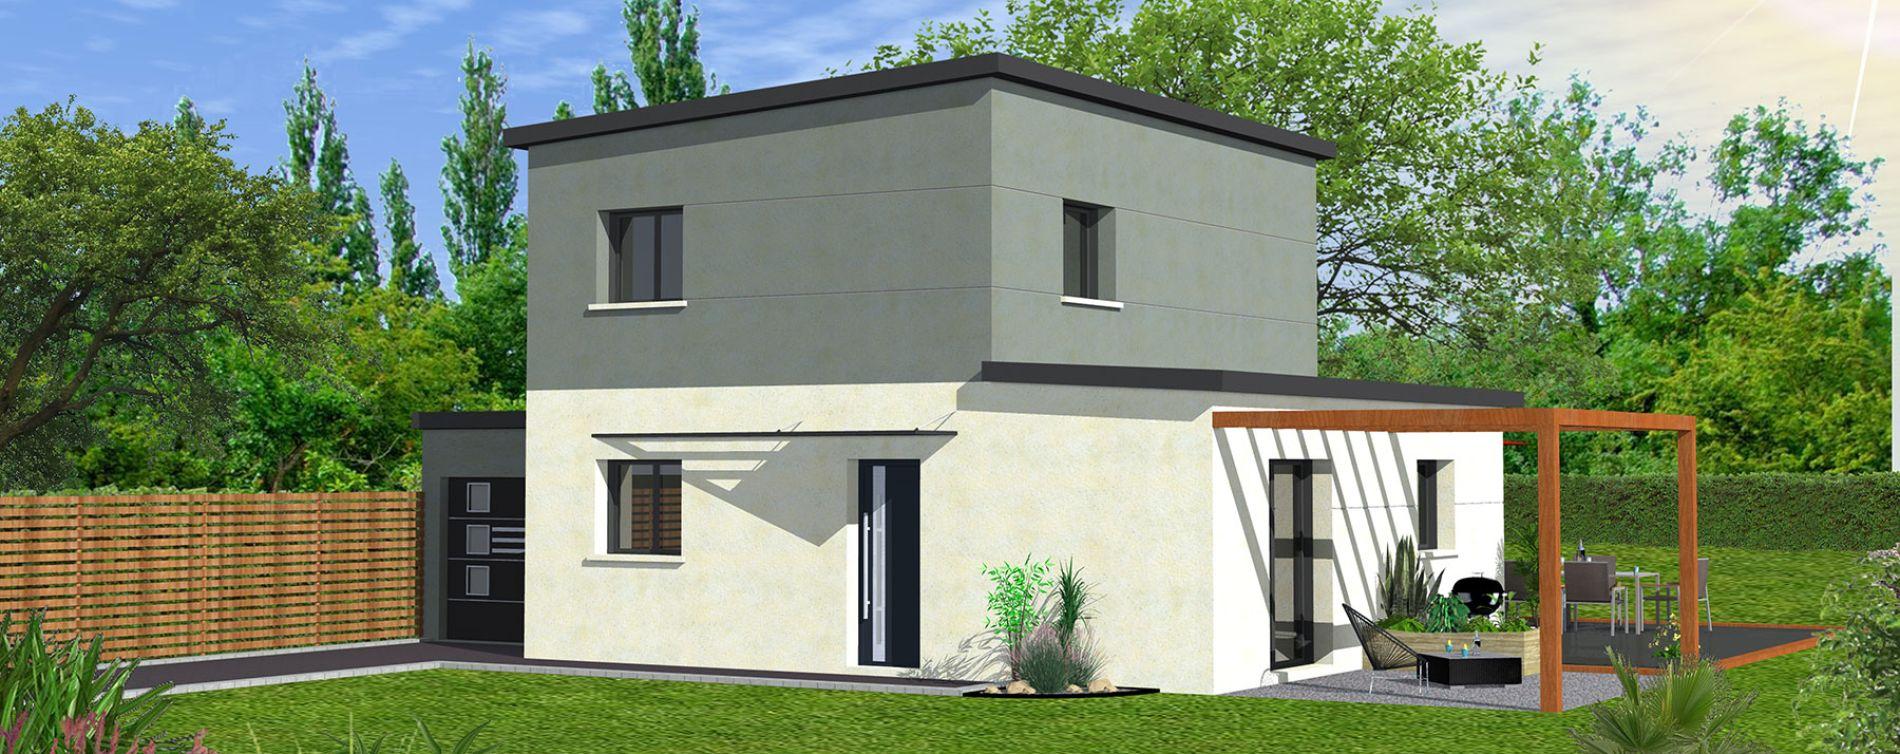 Trémaouézan : programme immobilier neuve « Les Molinies » (4)